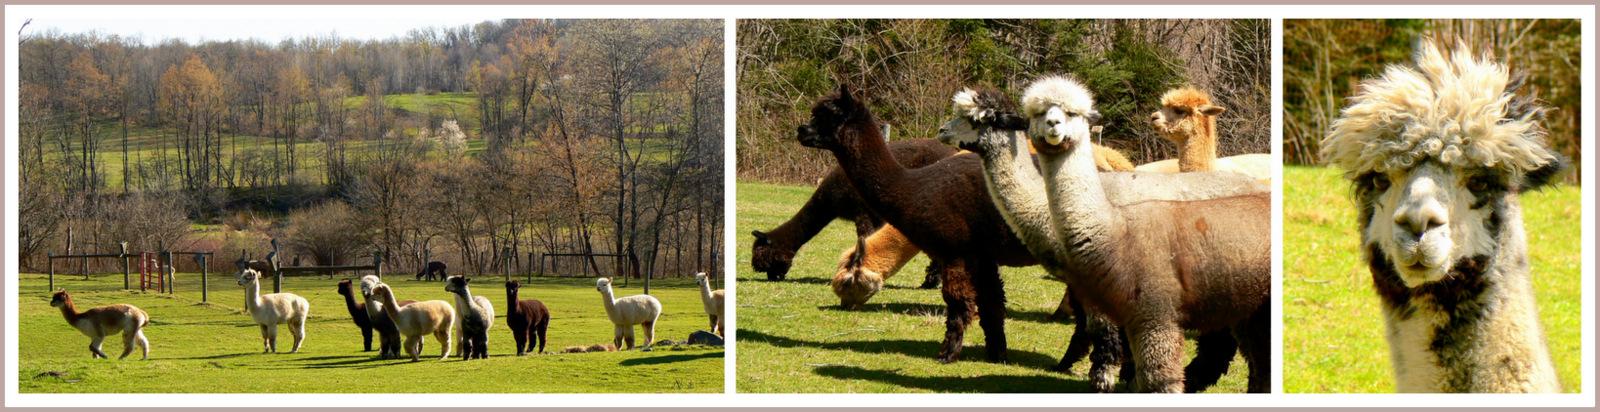 Annadele Alpaca Farm